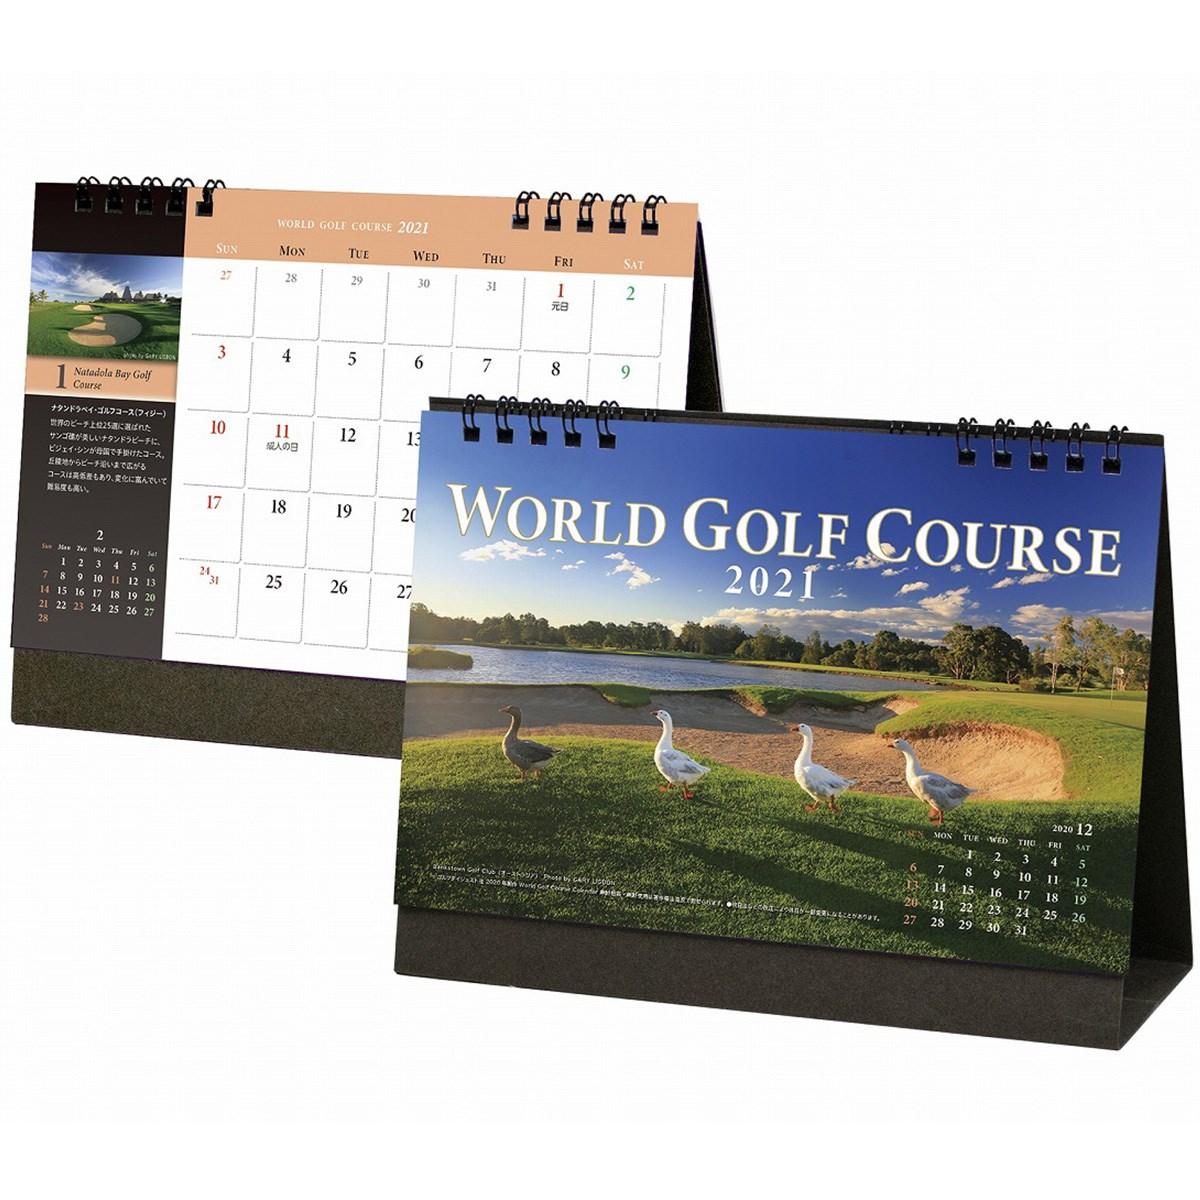 ゴルフダイジェスト(GolfDigest) 2021ワールドゴルフコース卓上カレンダー